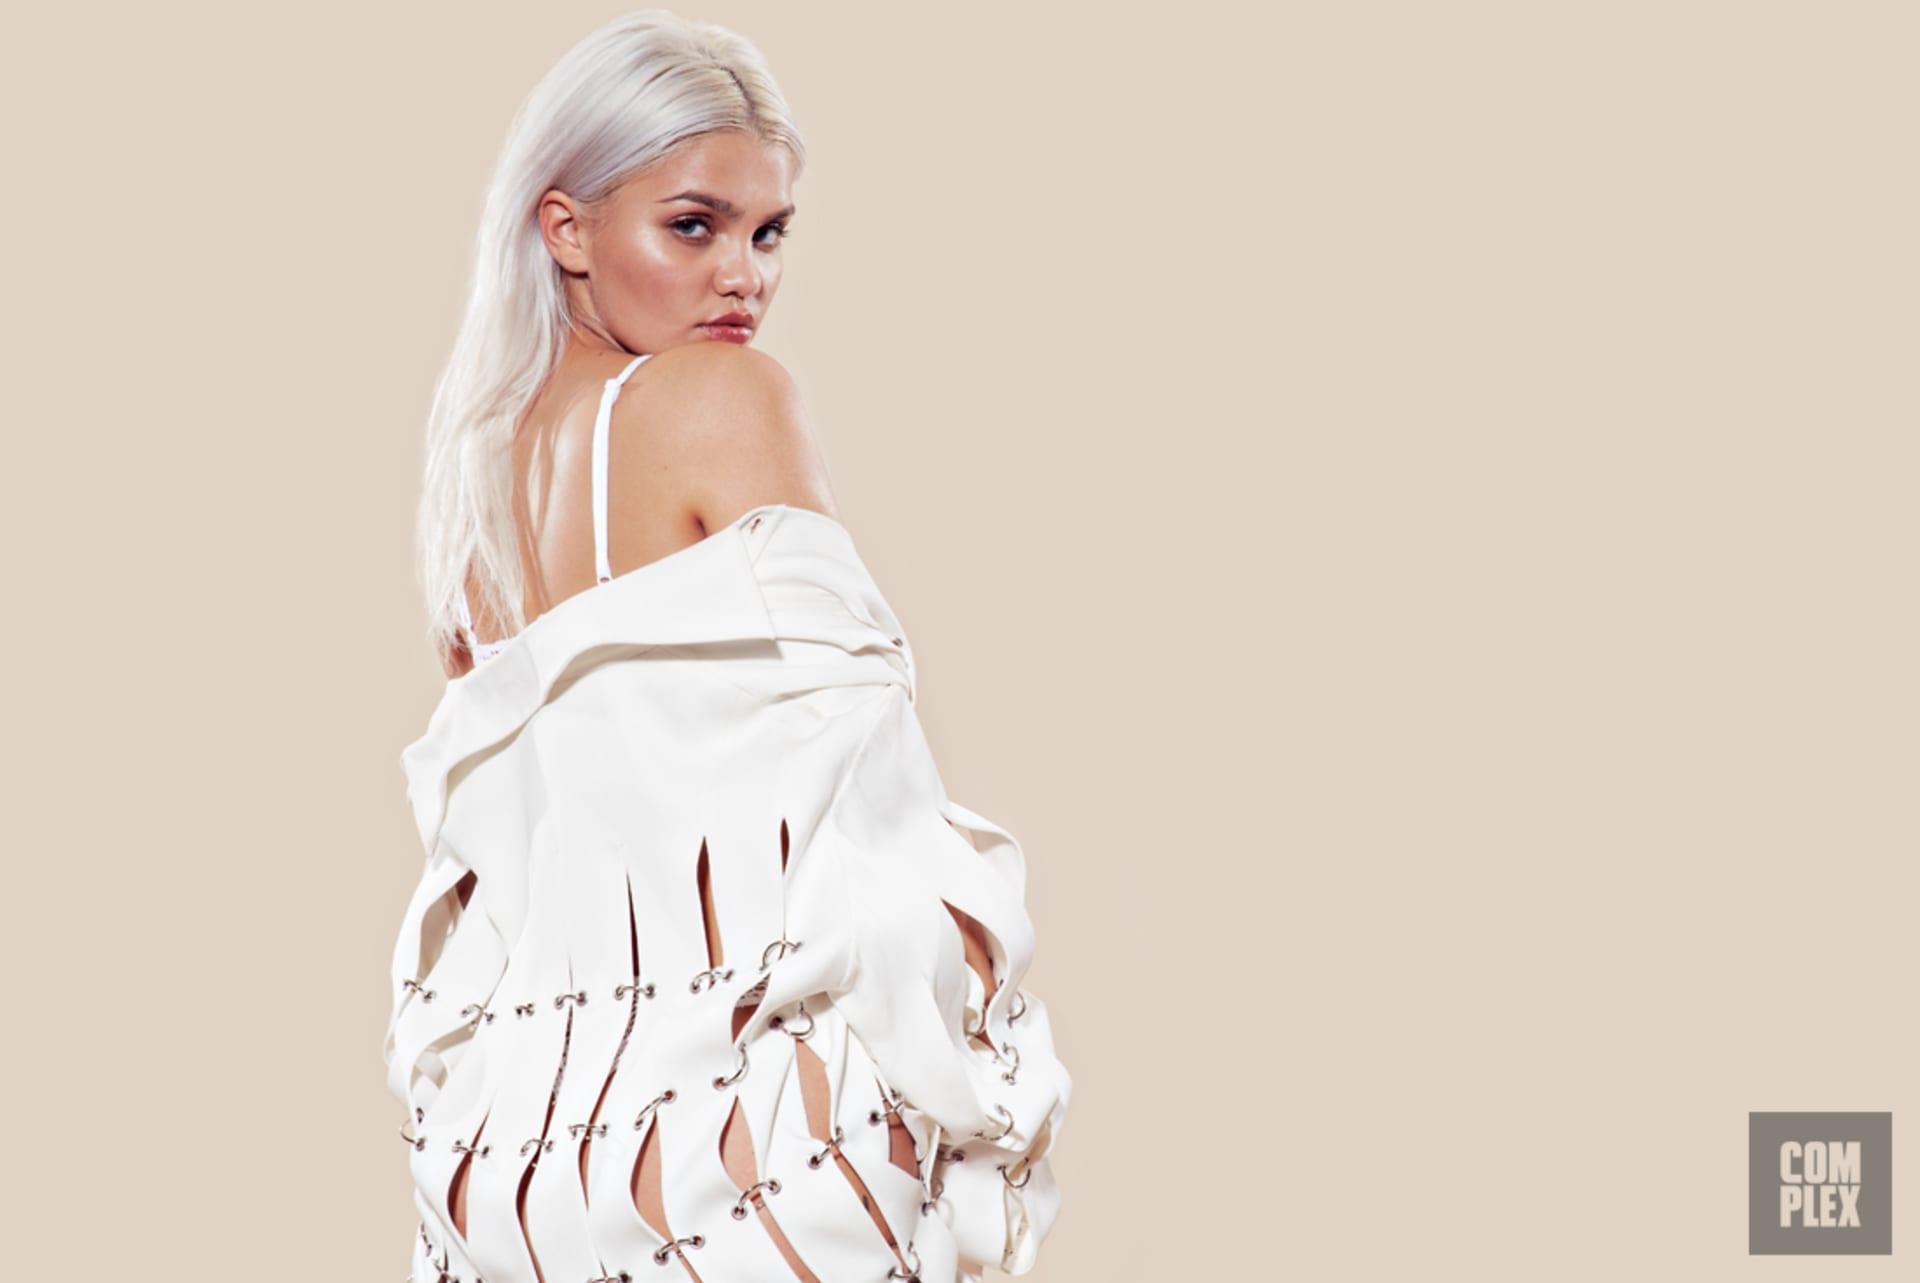 508bdc582b85af How Amina Blue Went From Video Vixen to Kanye West s Favorite Model ...